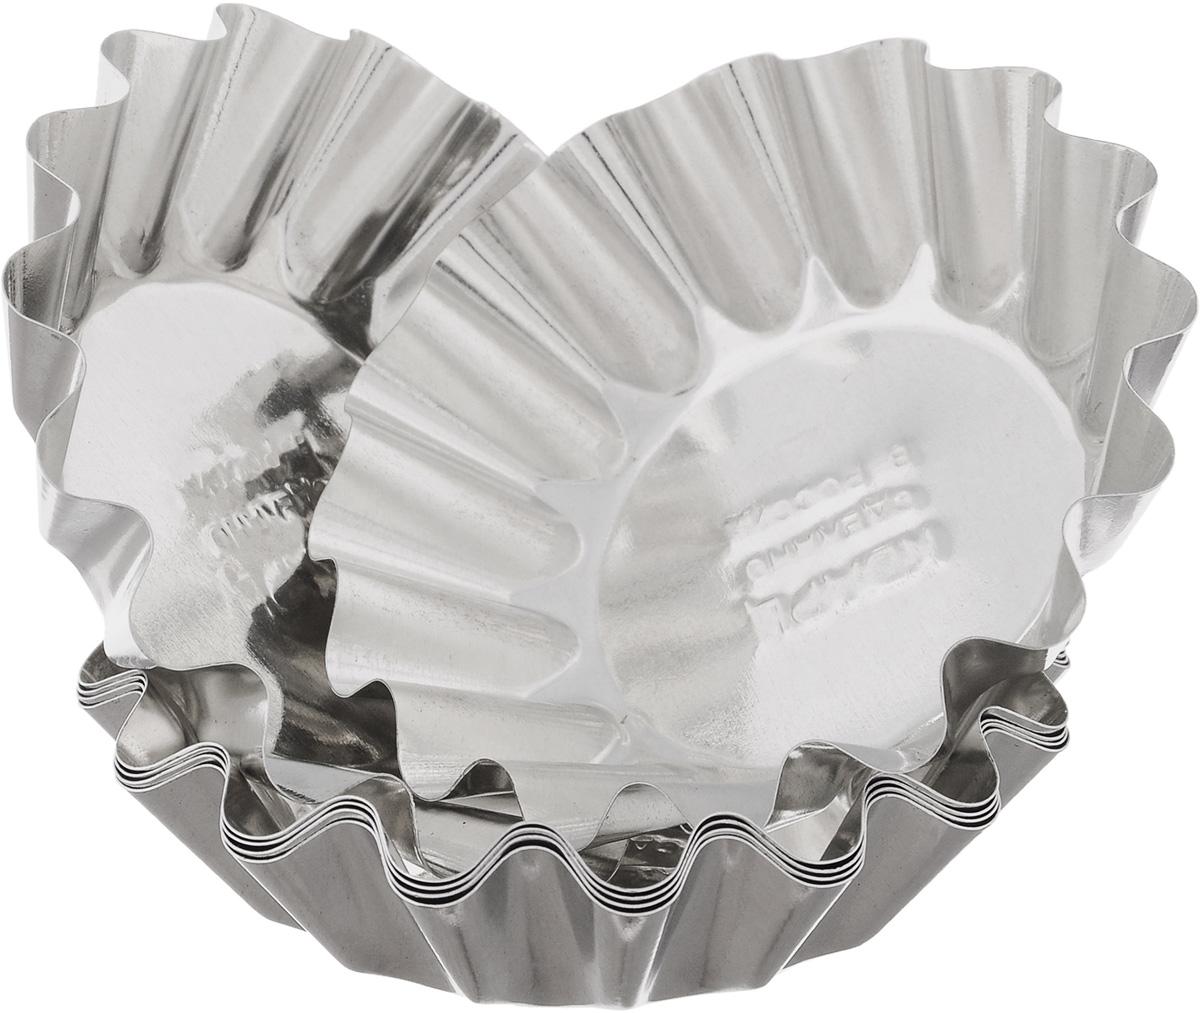 Набор форм для выпечки Кварц, диаметр 8,3 см, 6 шт68/5/4Набор Кварц состоит из шести форм, выполненных из белой жести. Формы предназначены для выпечки и приготовления желе. Стенки изделий рельефные.С набором форм Кварц вы всегда сможете порадовать своих близких оригинальной выпечкой.Диаметр форм (по верхнему краю): 8,3 см.Высота форм: 2,1 см.